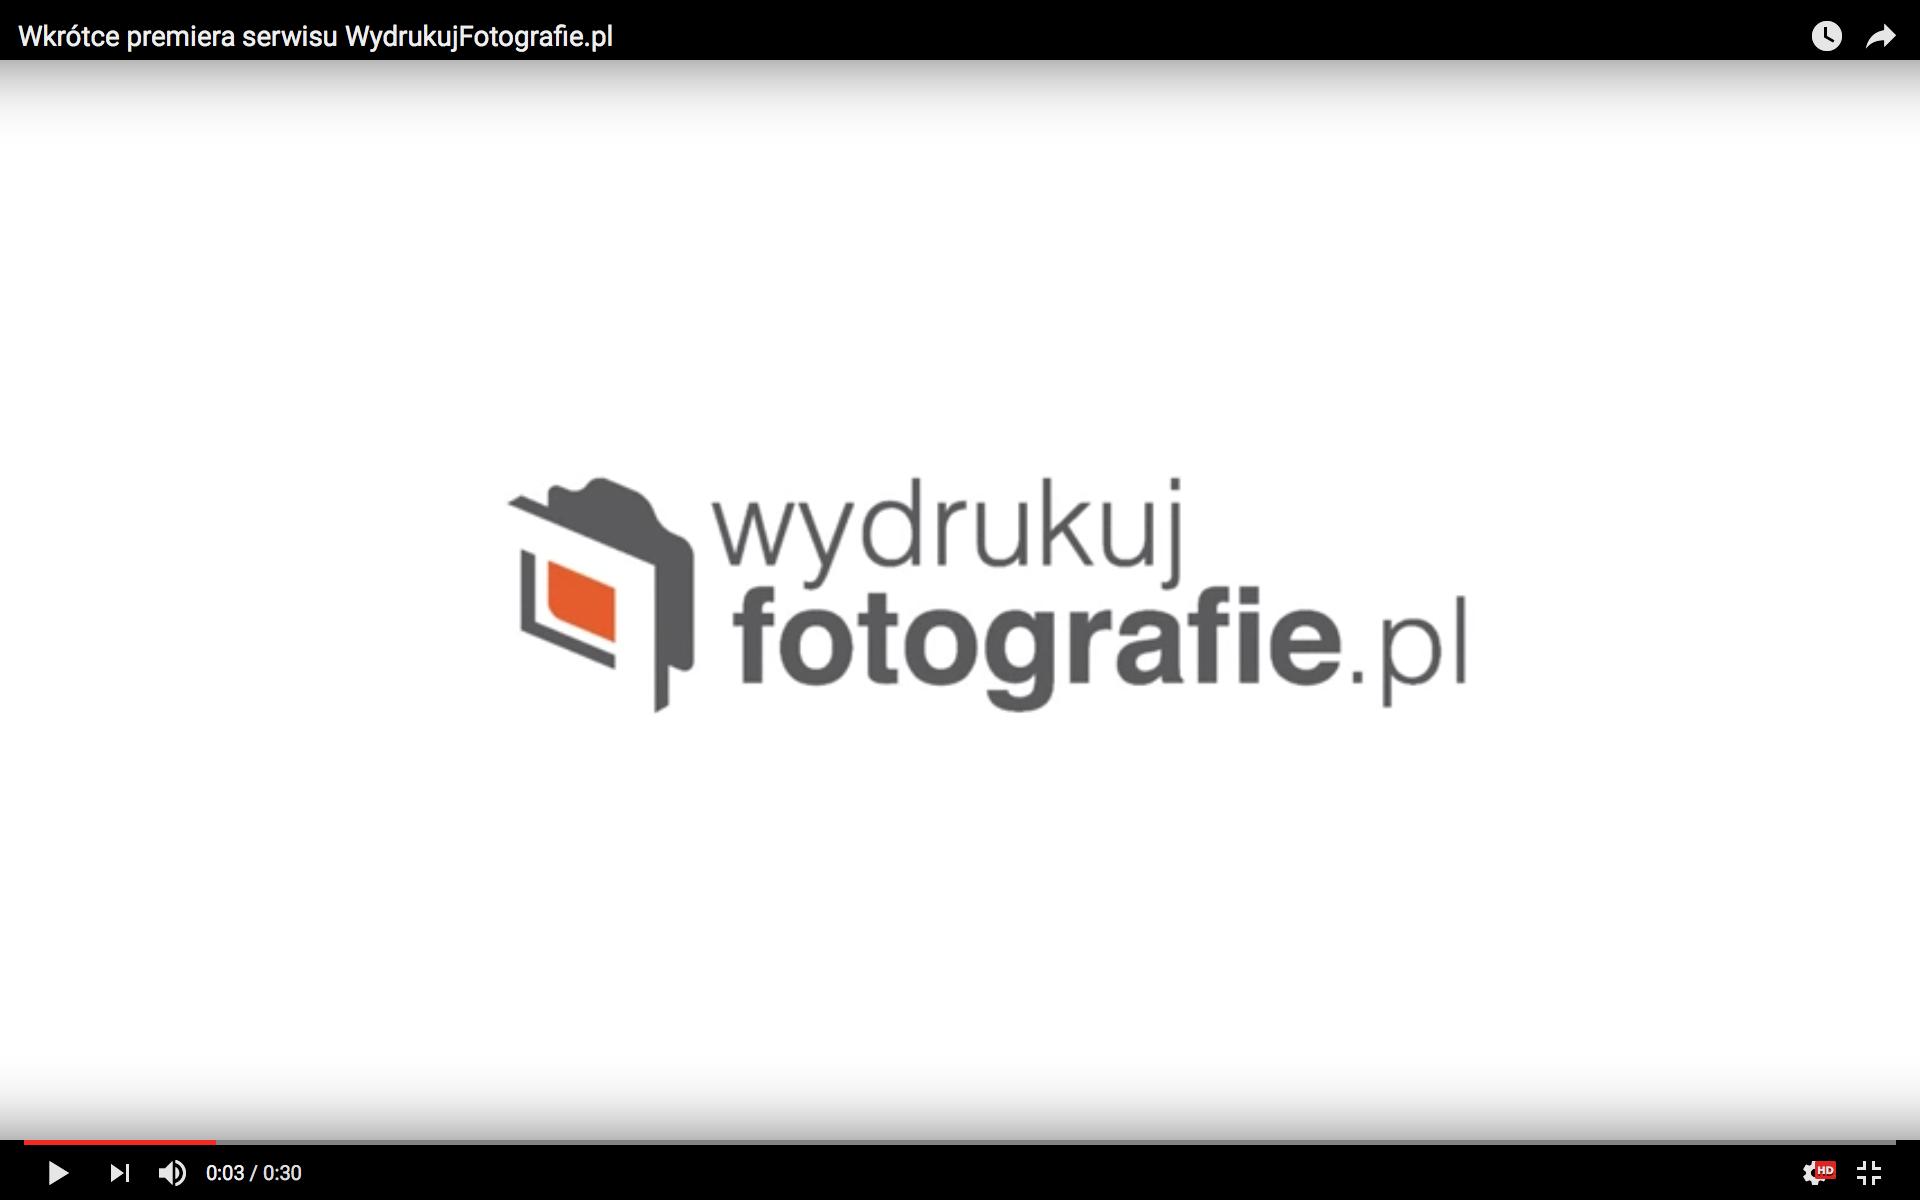 WydrukujFotografie.pl czyli serwis dla fotografów i miłośników fotografii